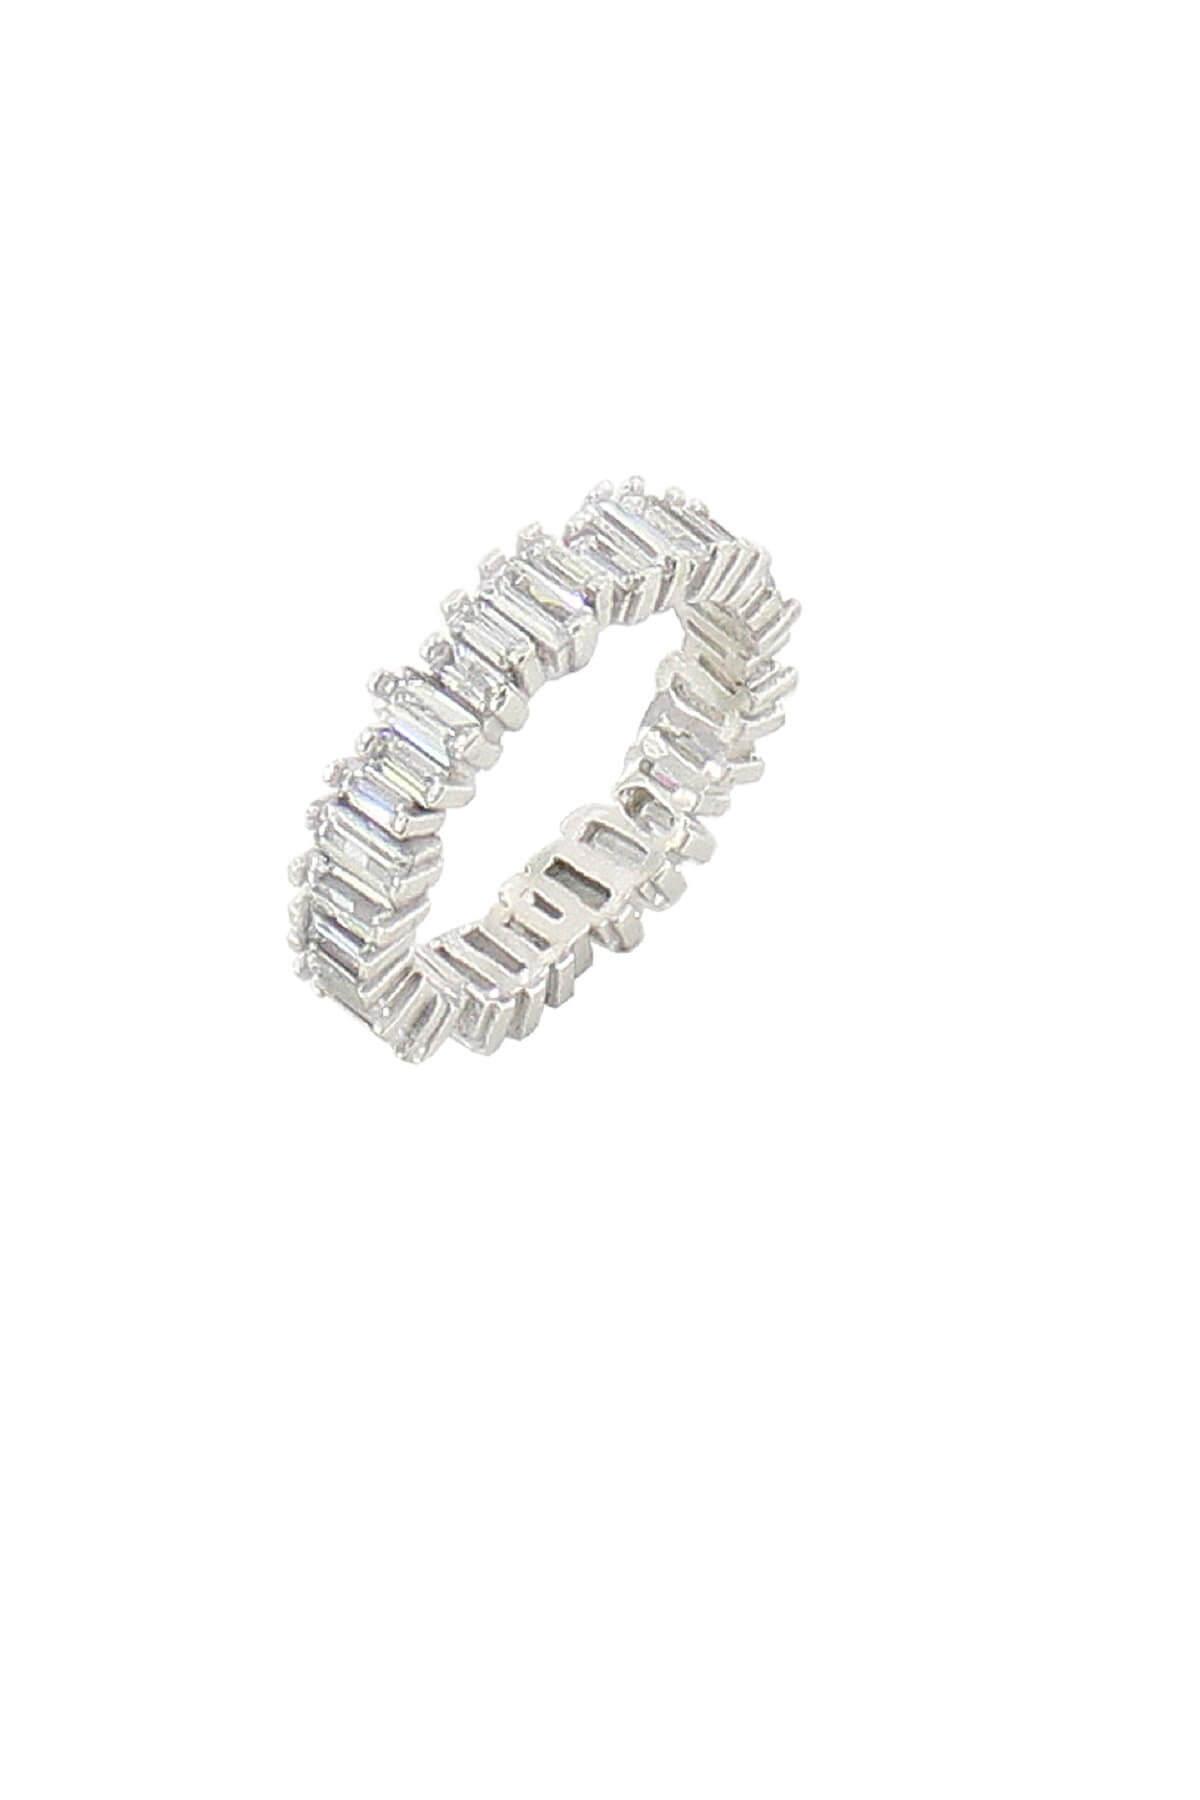 ست انگشتر زنانه برند Söğütlü Silver کد ty2118437